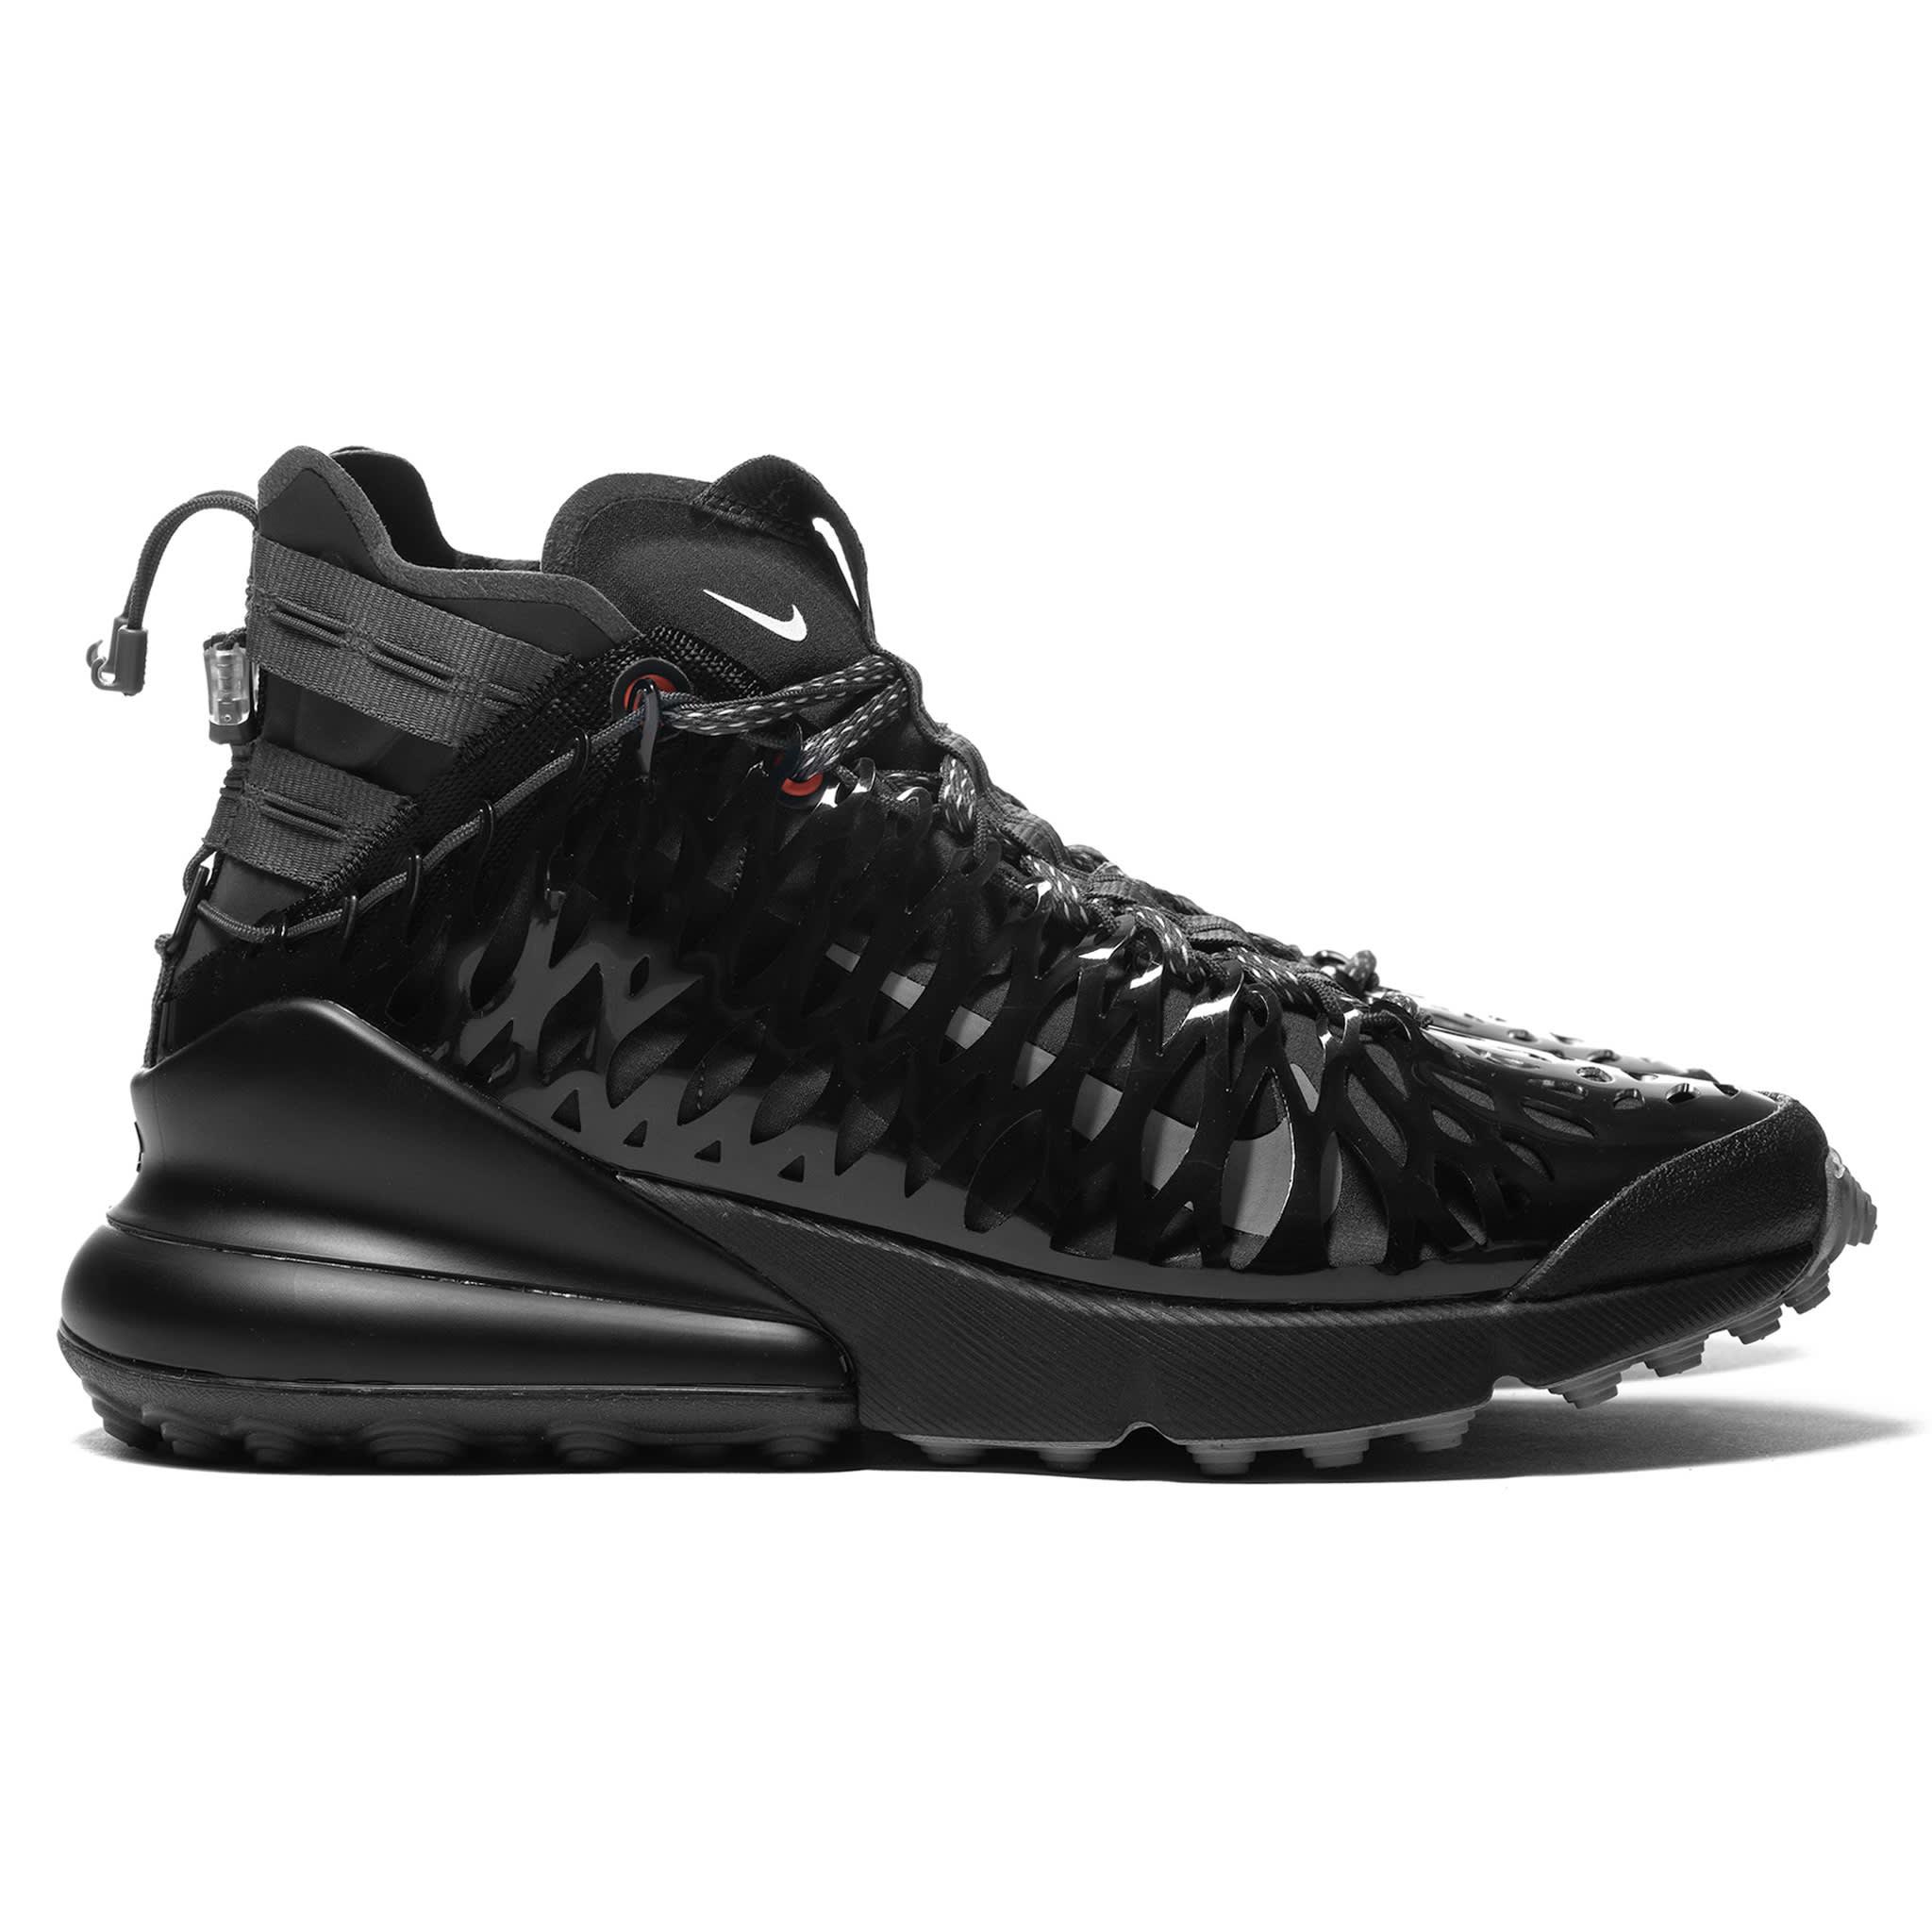 ffb086f937564 Nike Air Max 270 ISPA Silhouettes